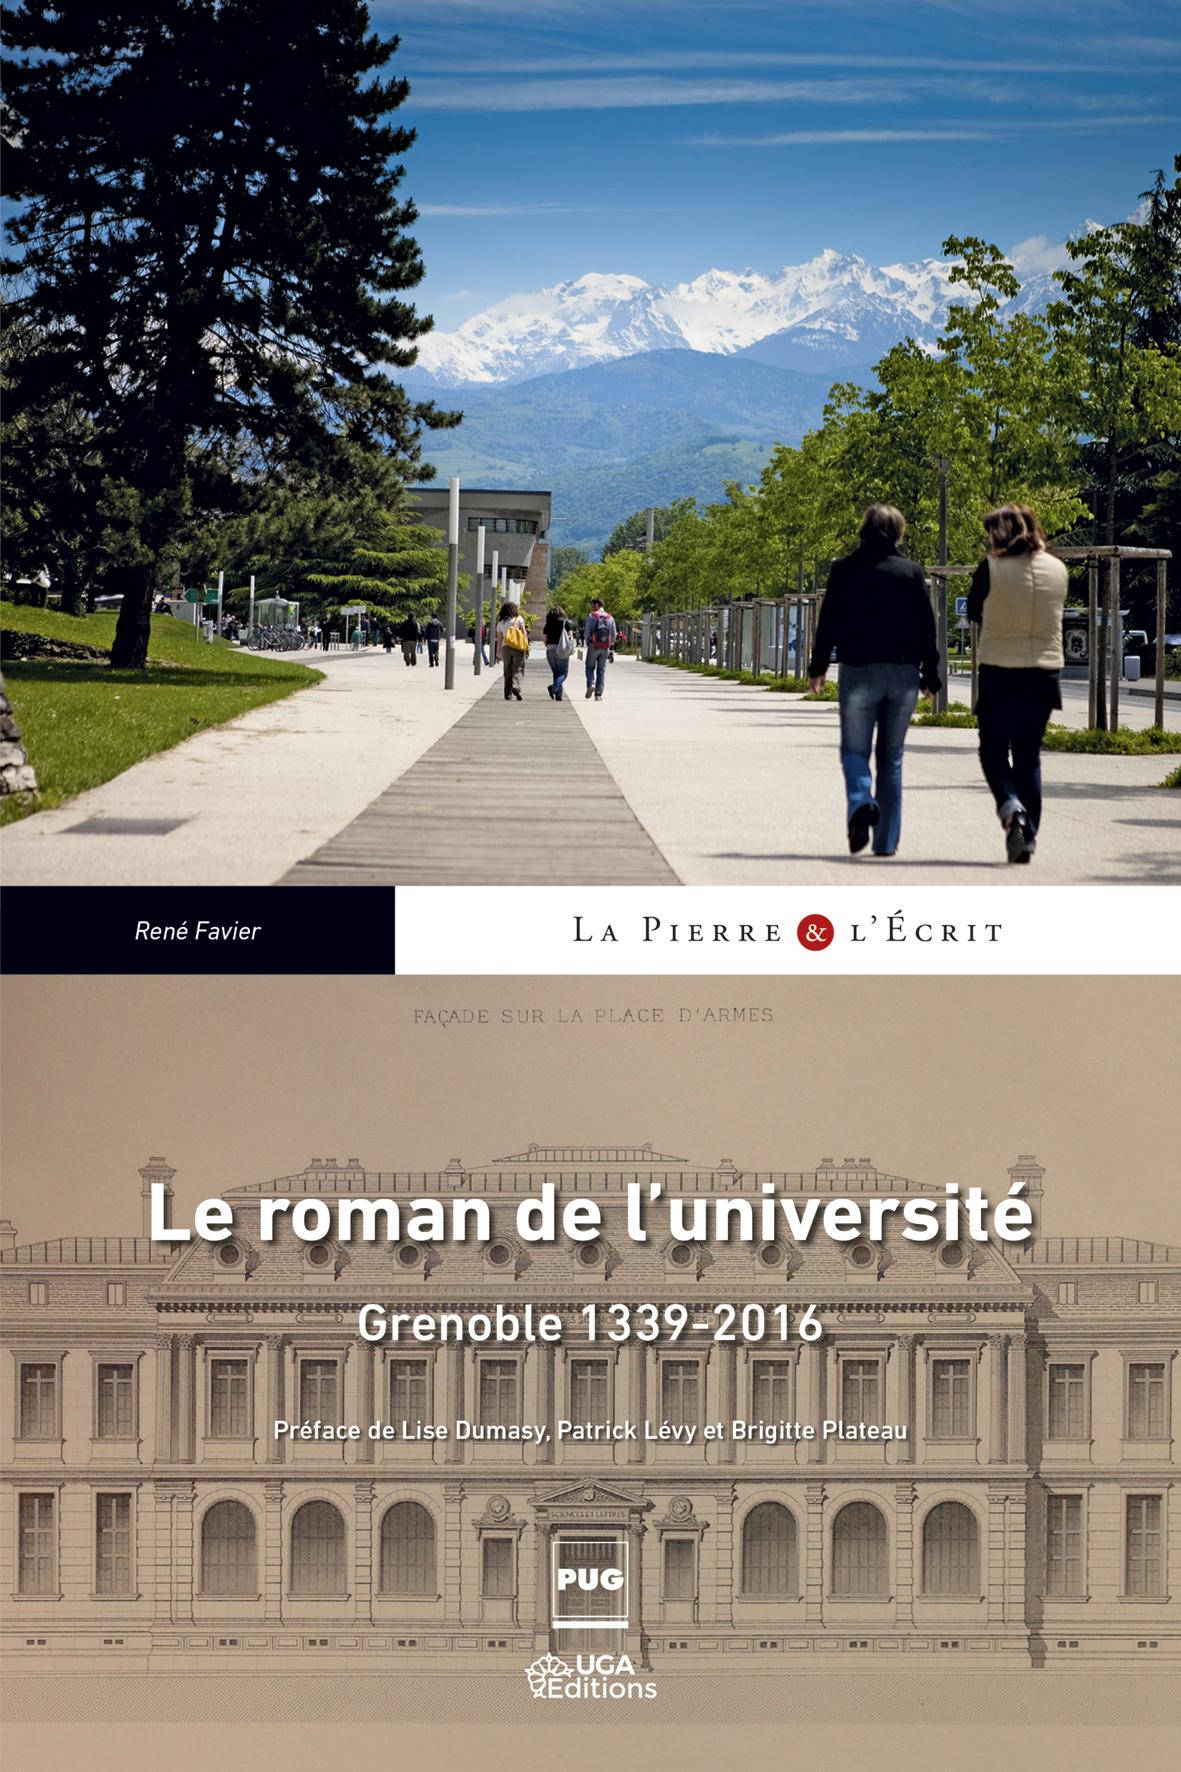 le roman de l u0026 39 universit u00e9 - grenoble 1339-2016